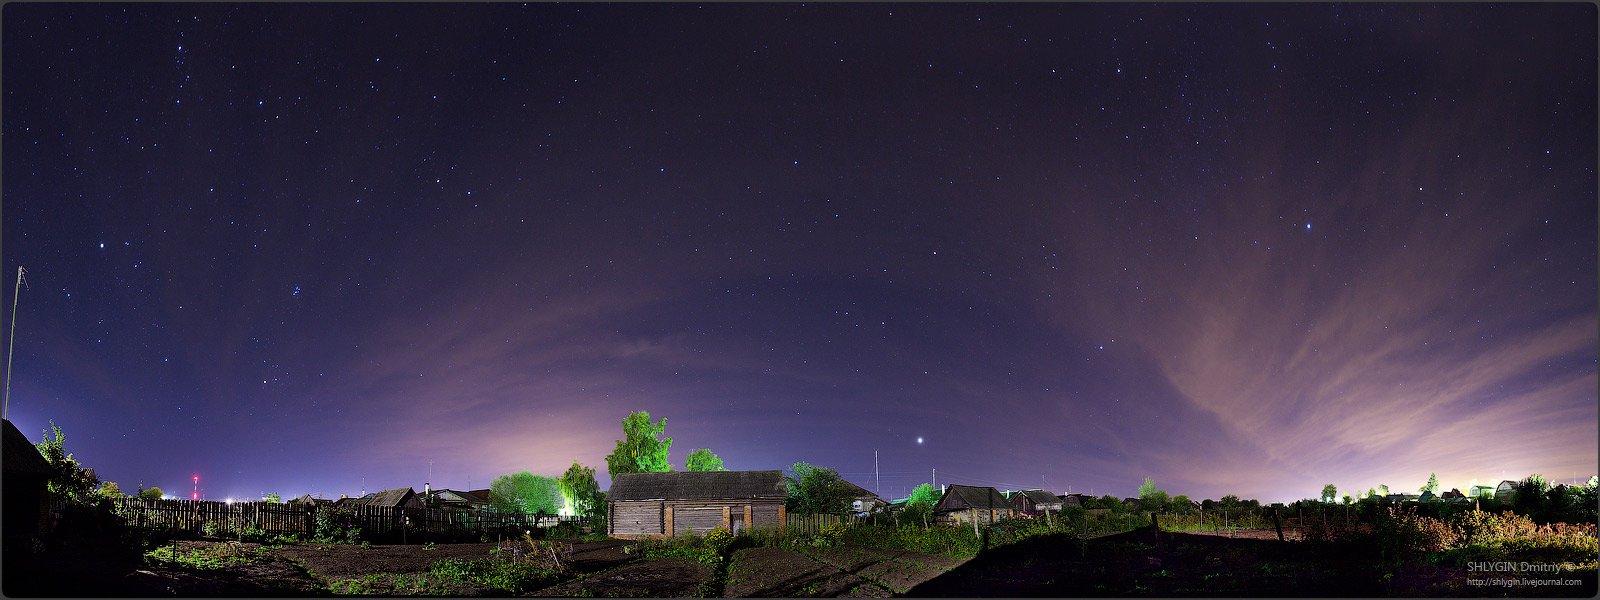 белоомут, московская область, ночь, пейзаж, Shaman